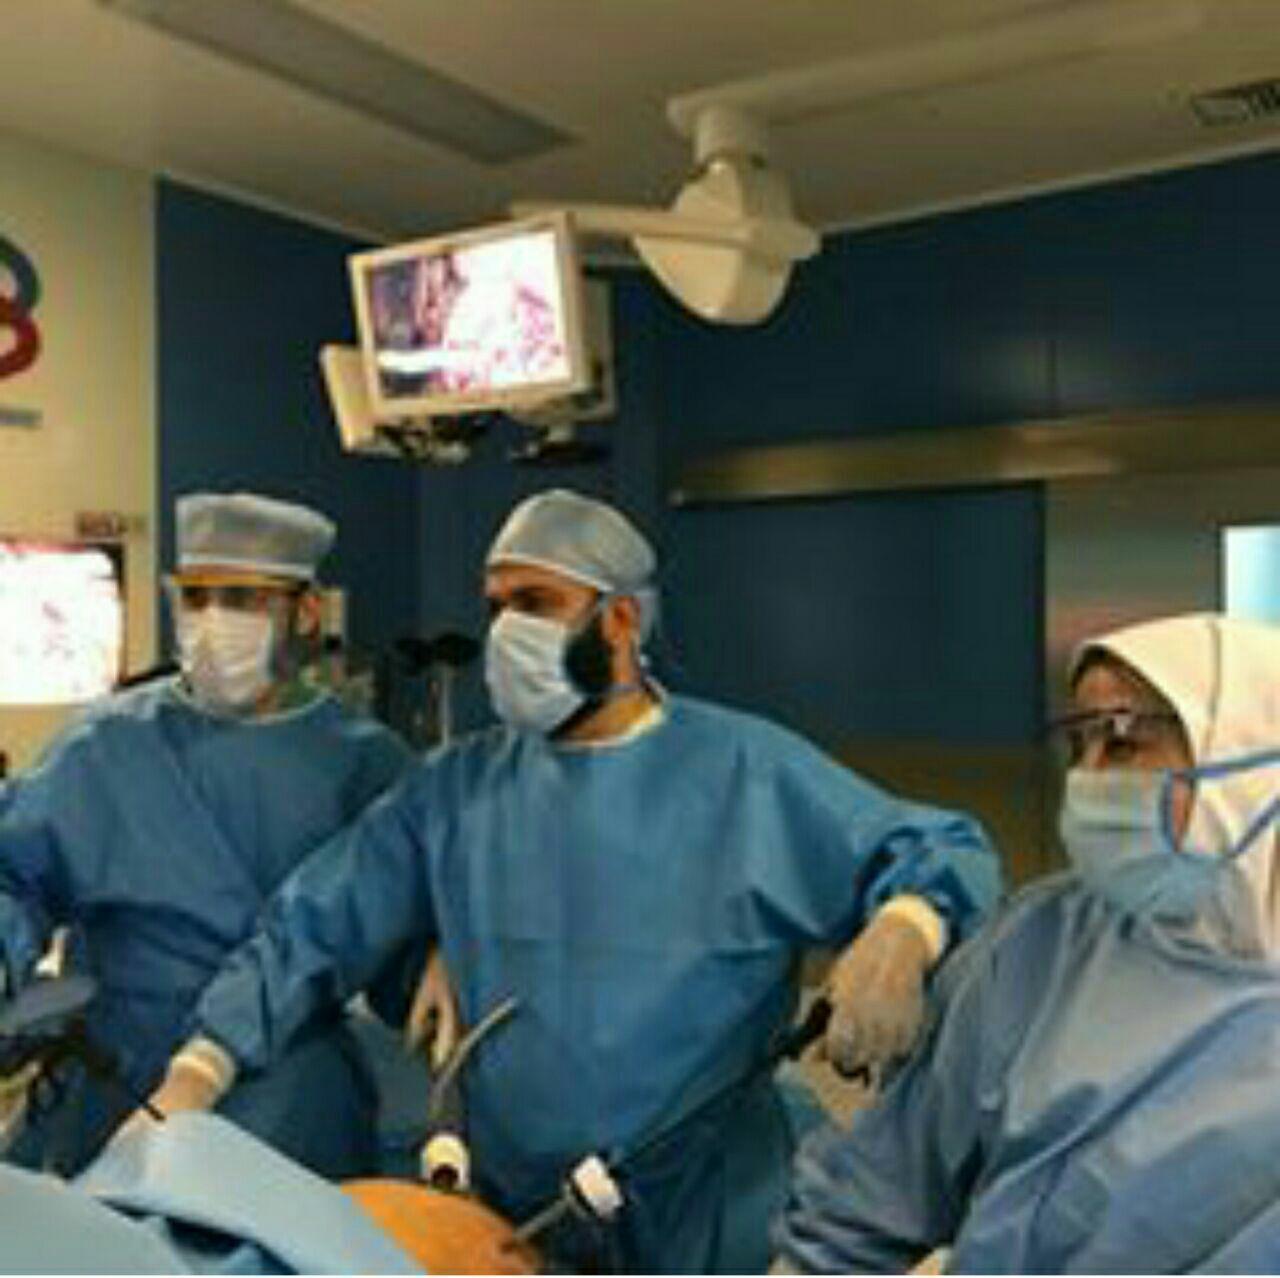 سجاد نورشفیعی متخصص جراحی عمومی - فلوشیپ جراحی کم تهاجمی ( لاپاروسکوپی ) - مشهد